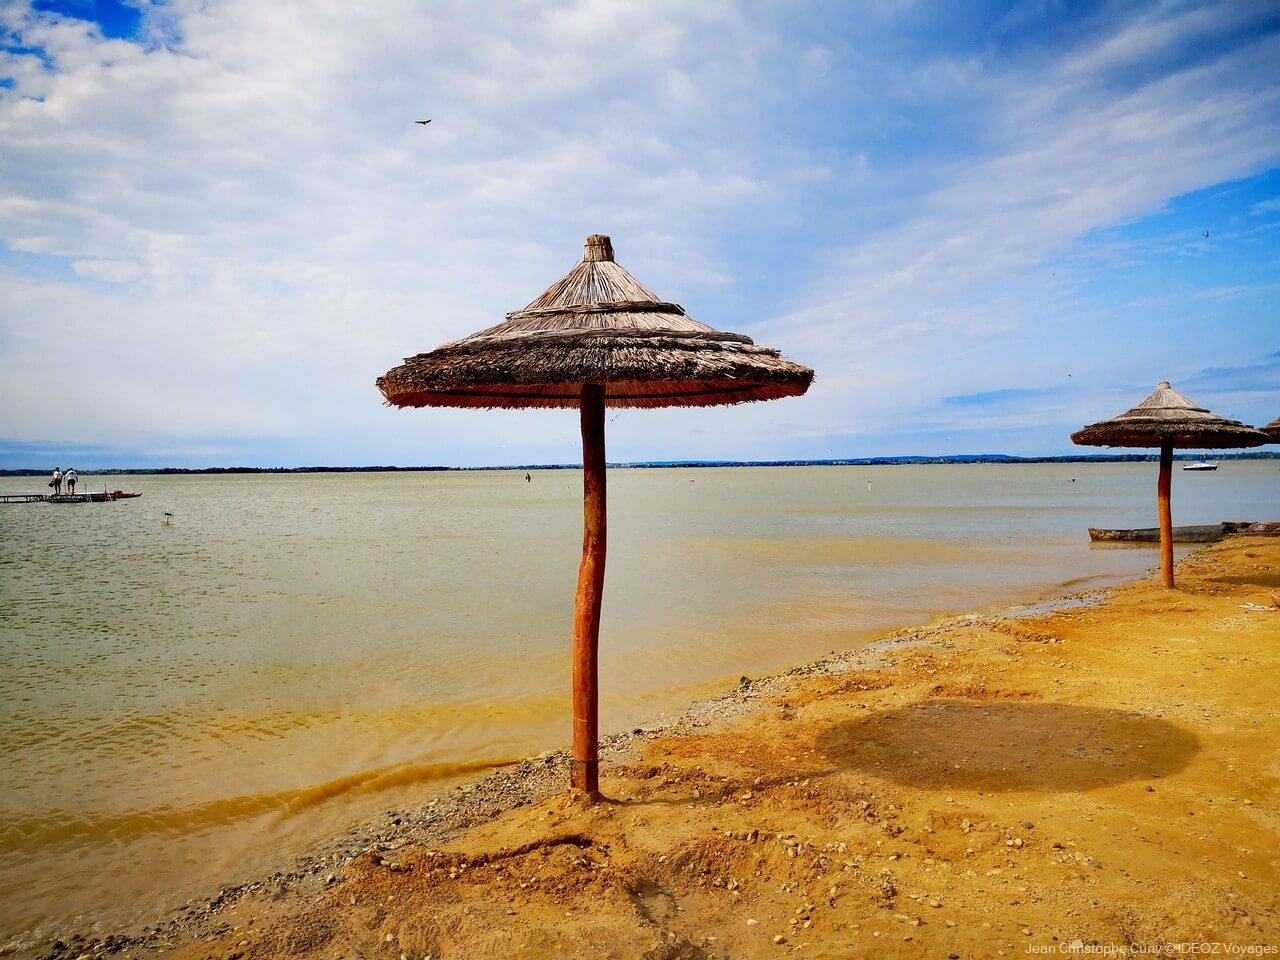 plage de sable sur le lac balaton